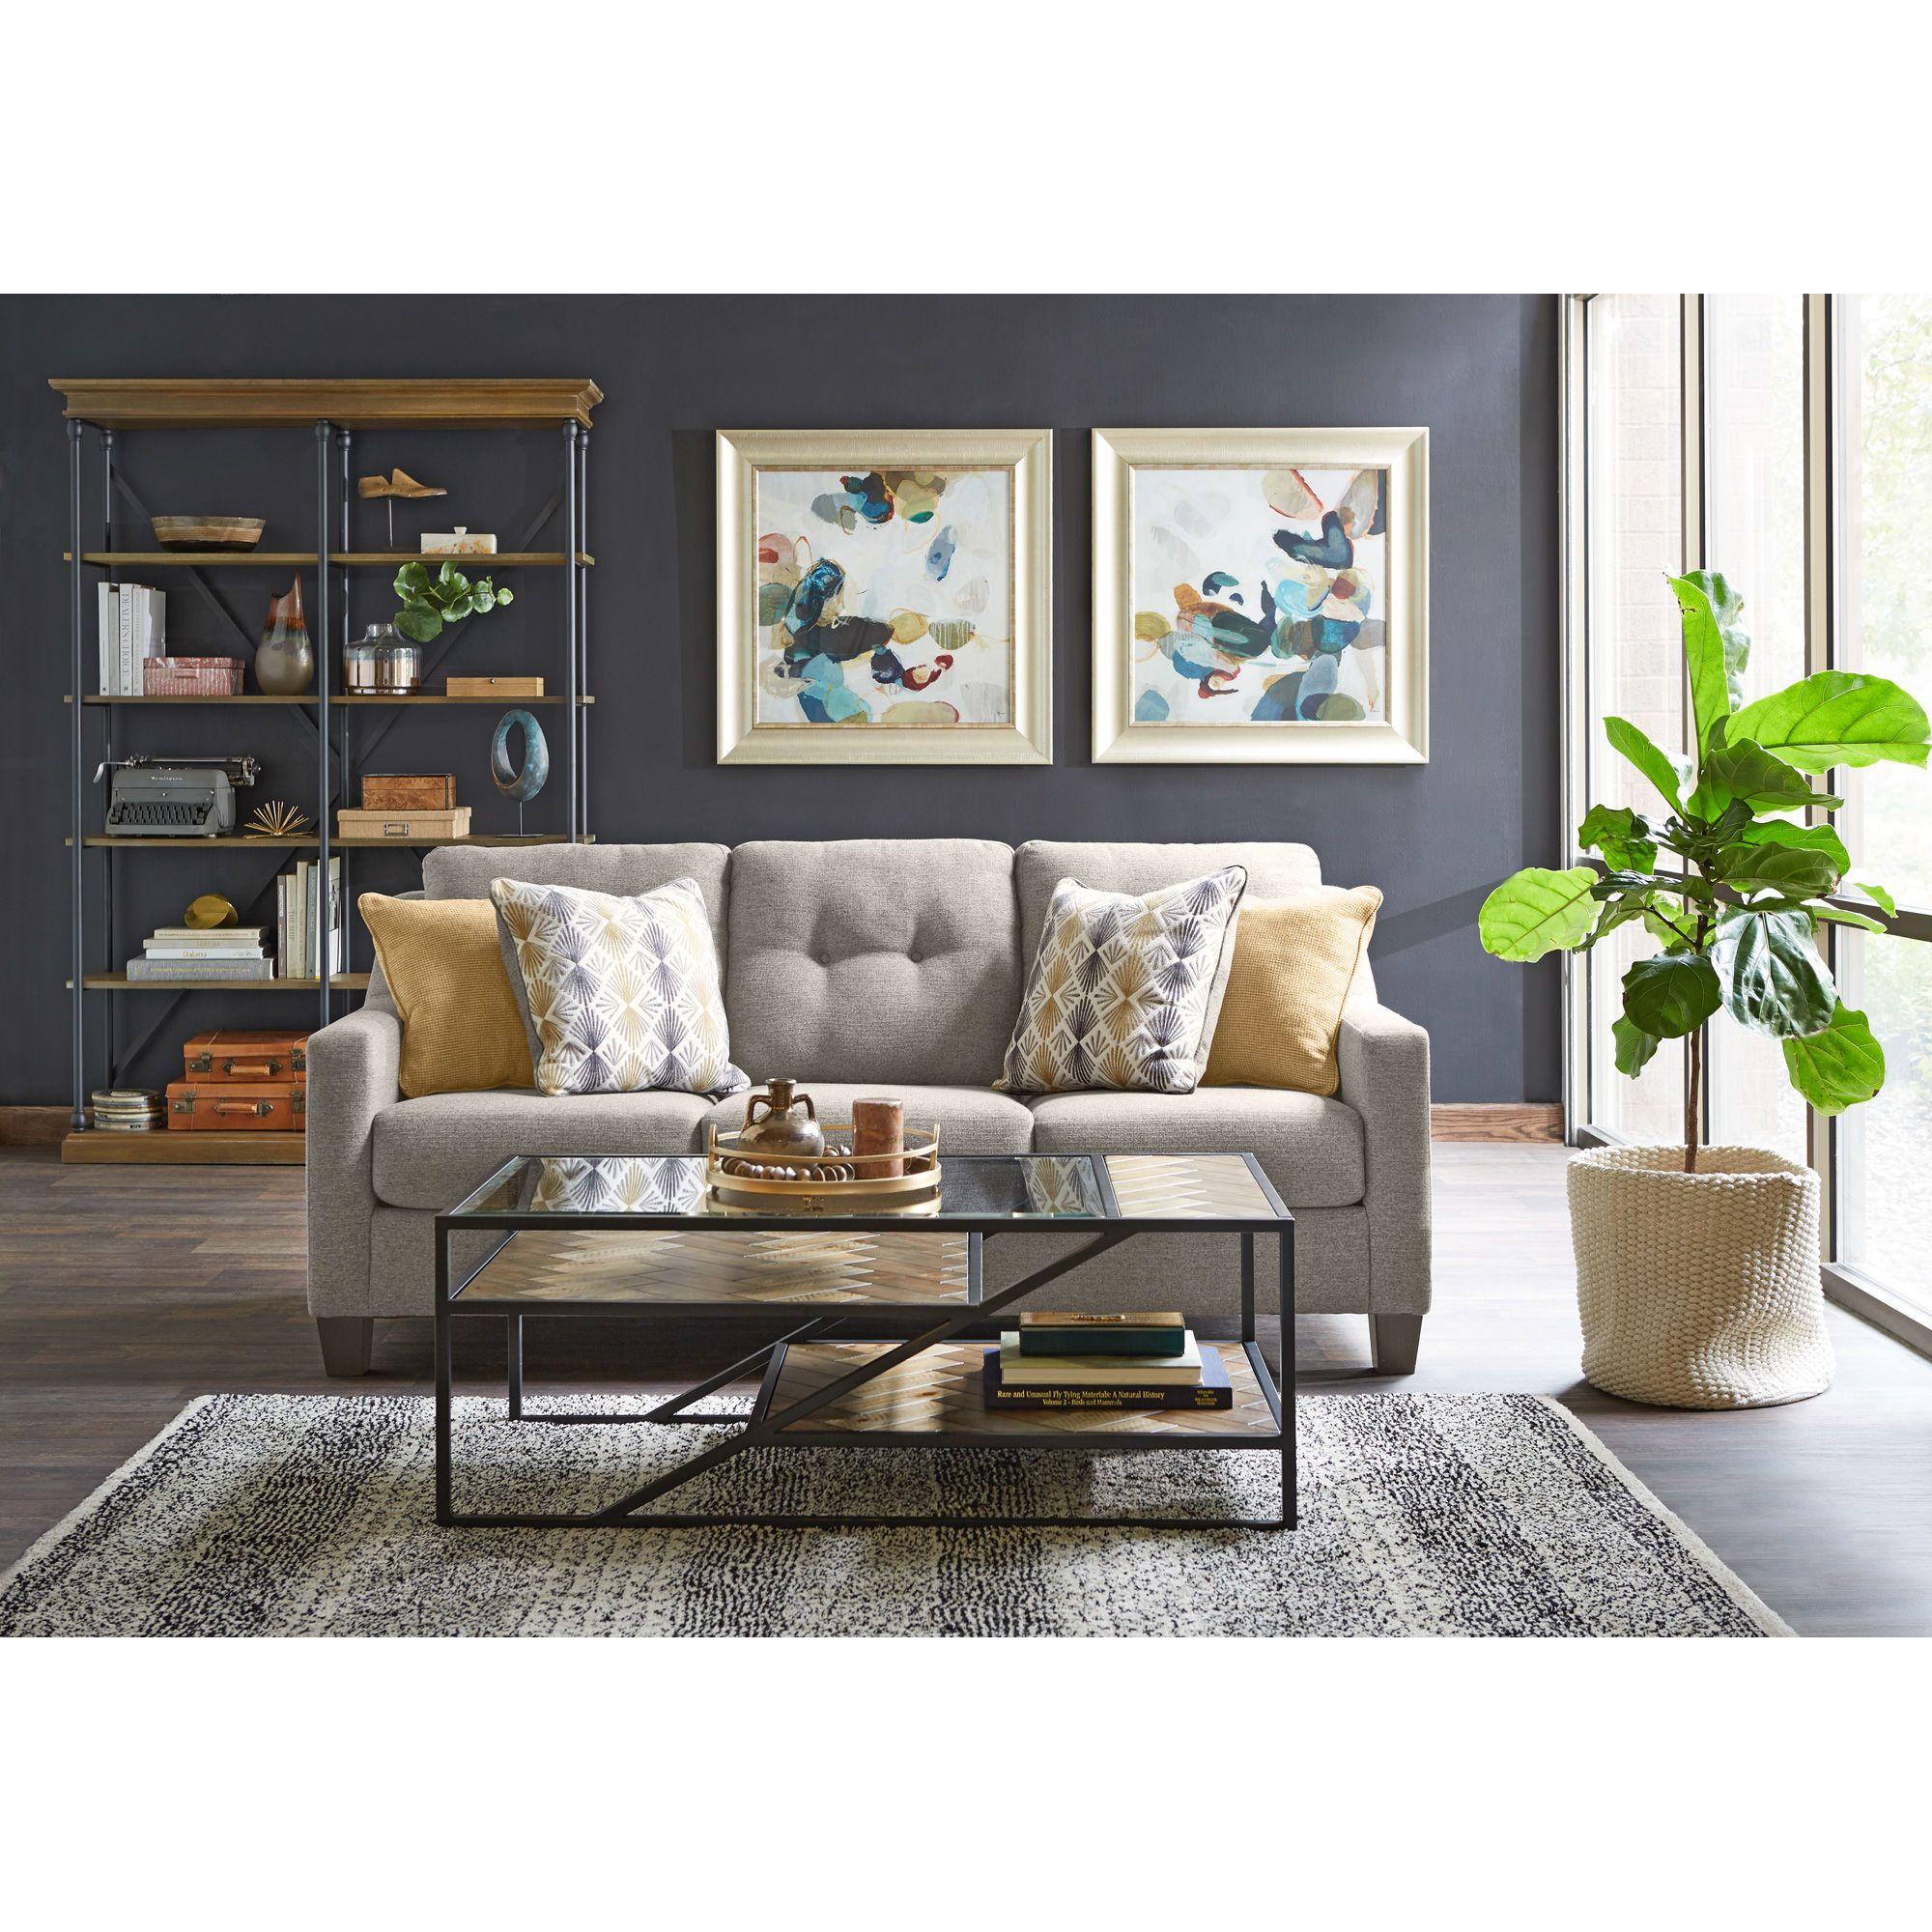 449 Slumberland Furniture Genova Graphite Sofa Living Room Sofa Living Room Room #slumberland #living #room #sets